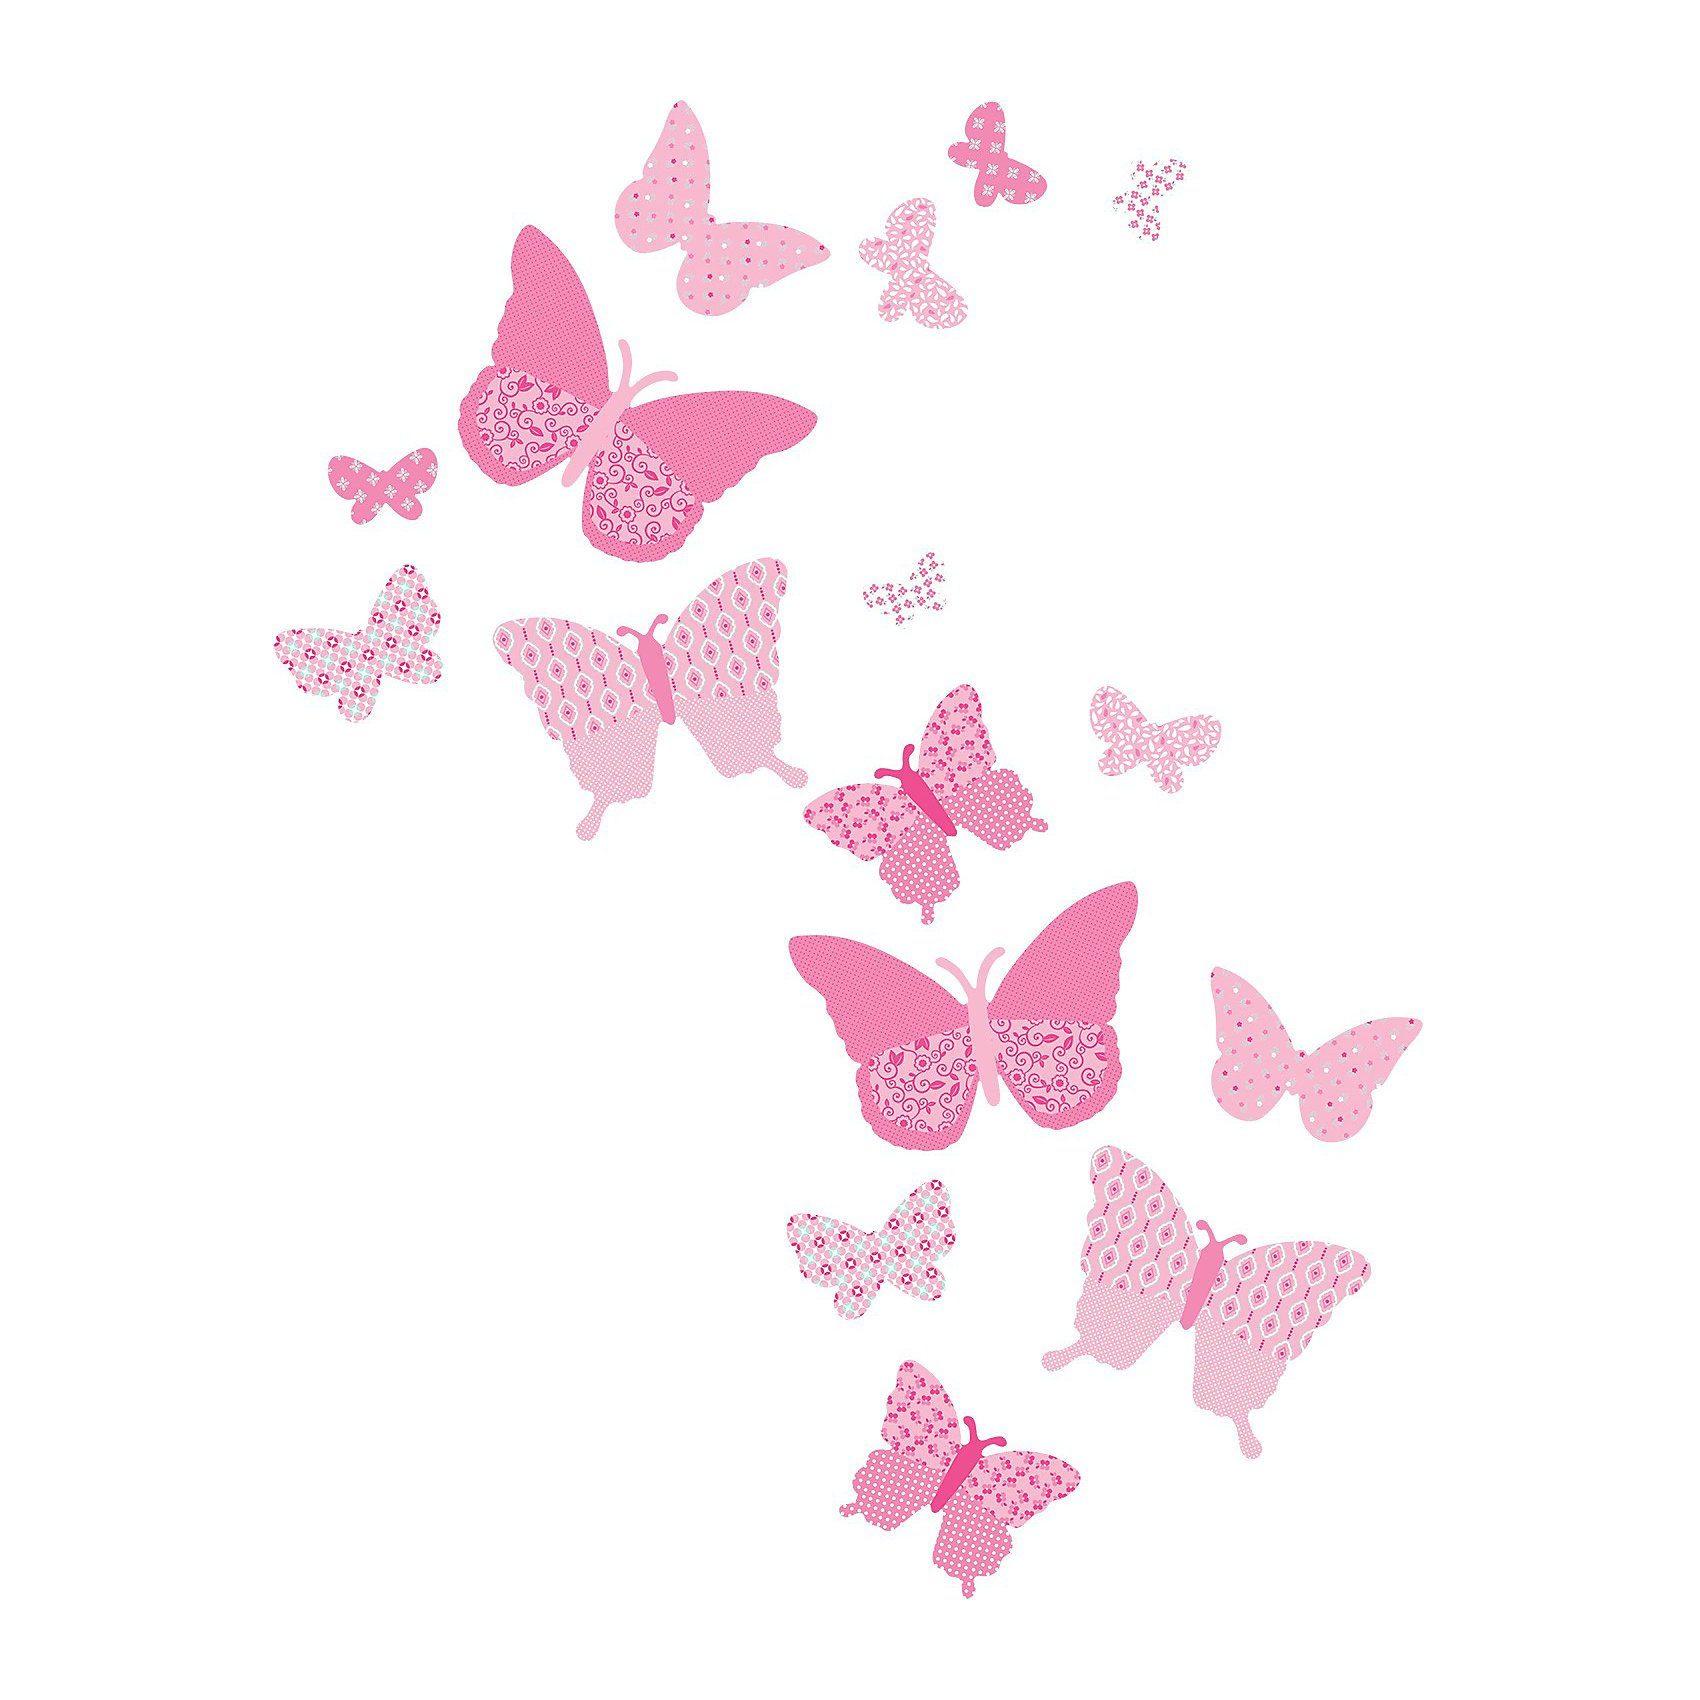 FunToSee Wandsticker Schmetterlinge, rosa, 16-tlg.